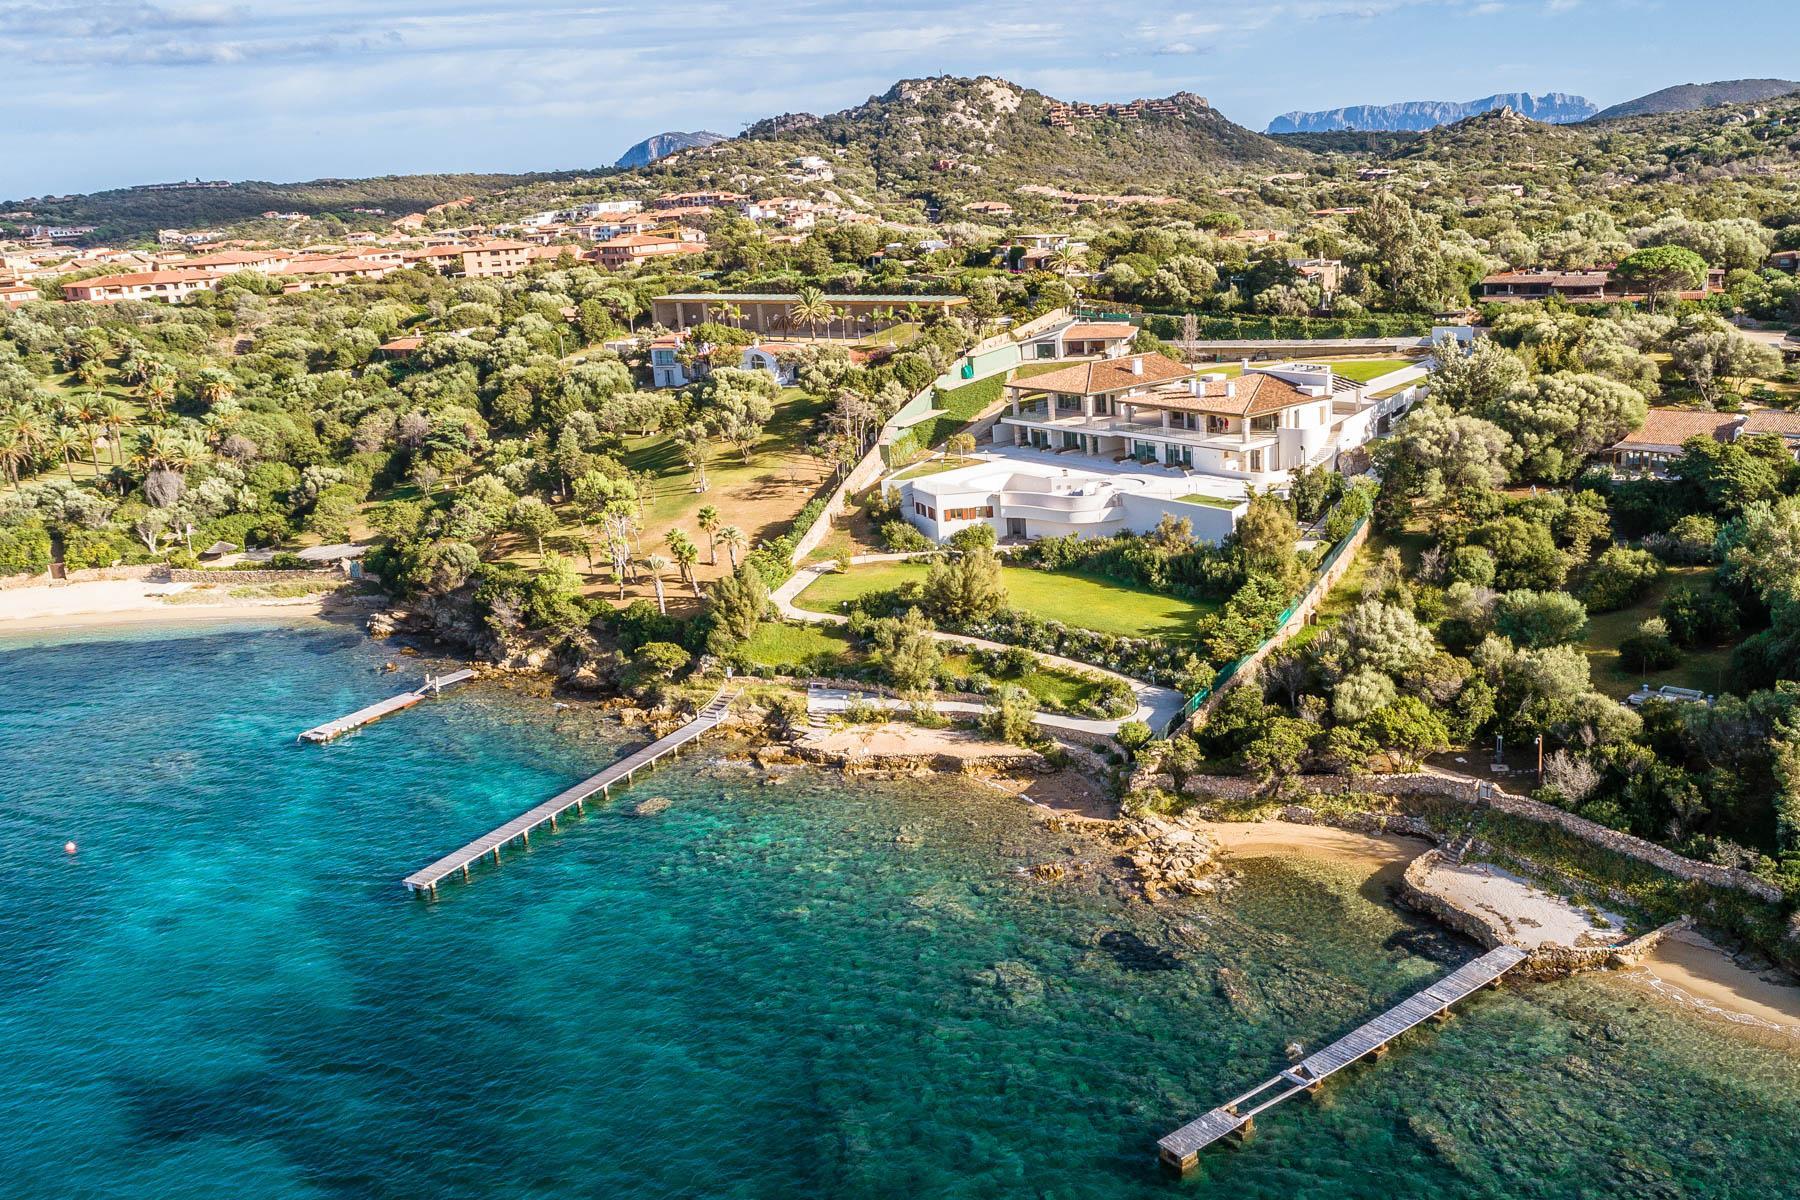 Meravigliosa villa sul mare in Costa Smeralda - 33